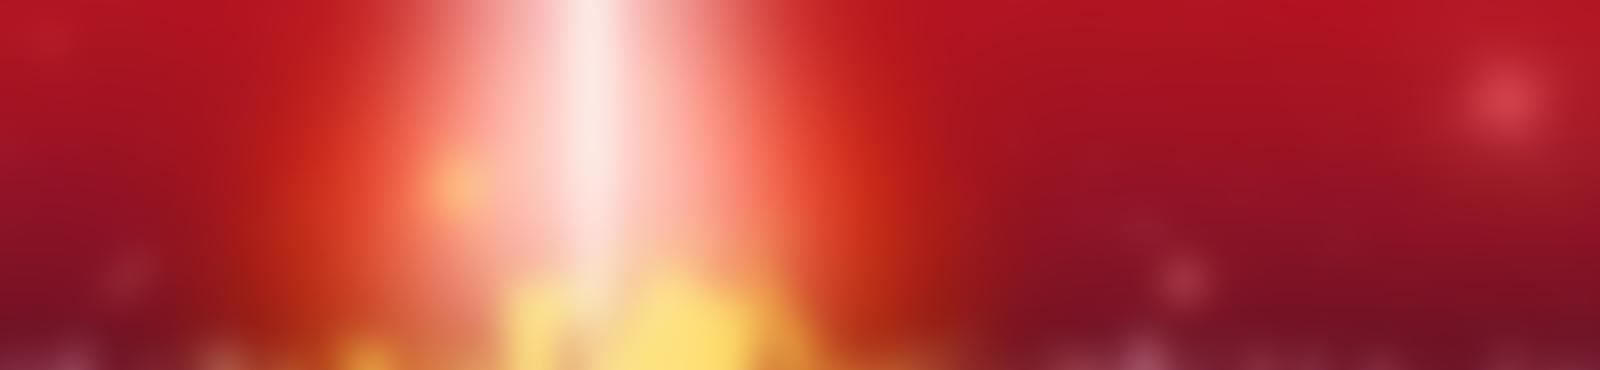 Blurred 75161ced 42bc 4963 88f3 d5f676188c17